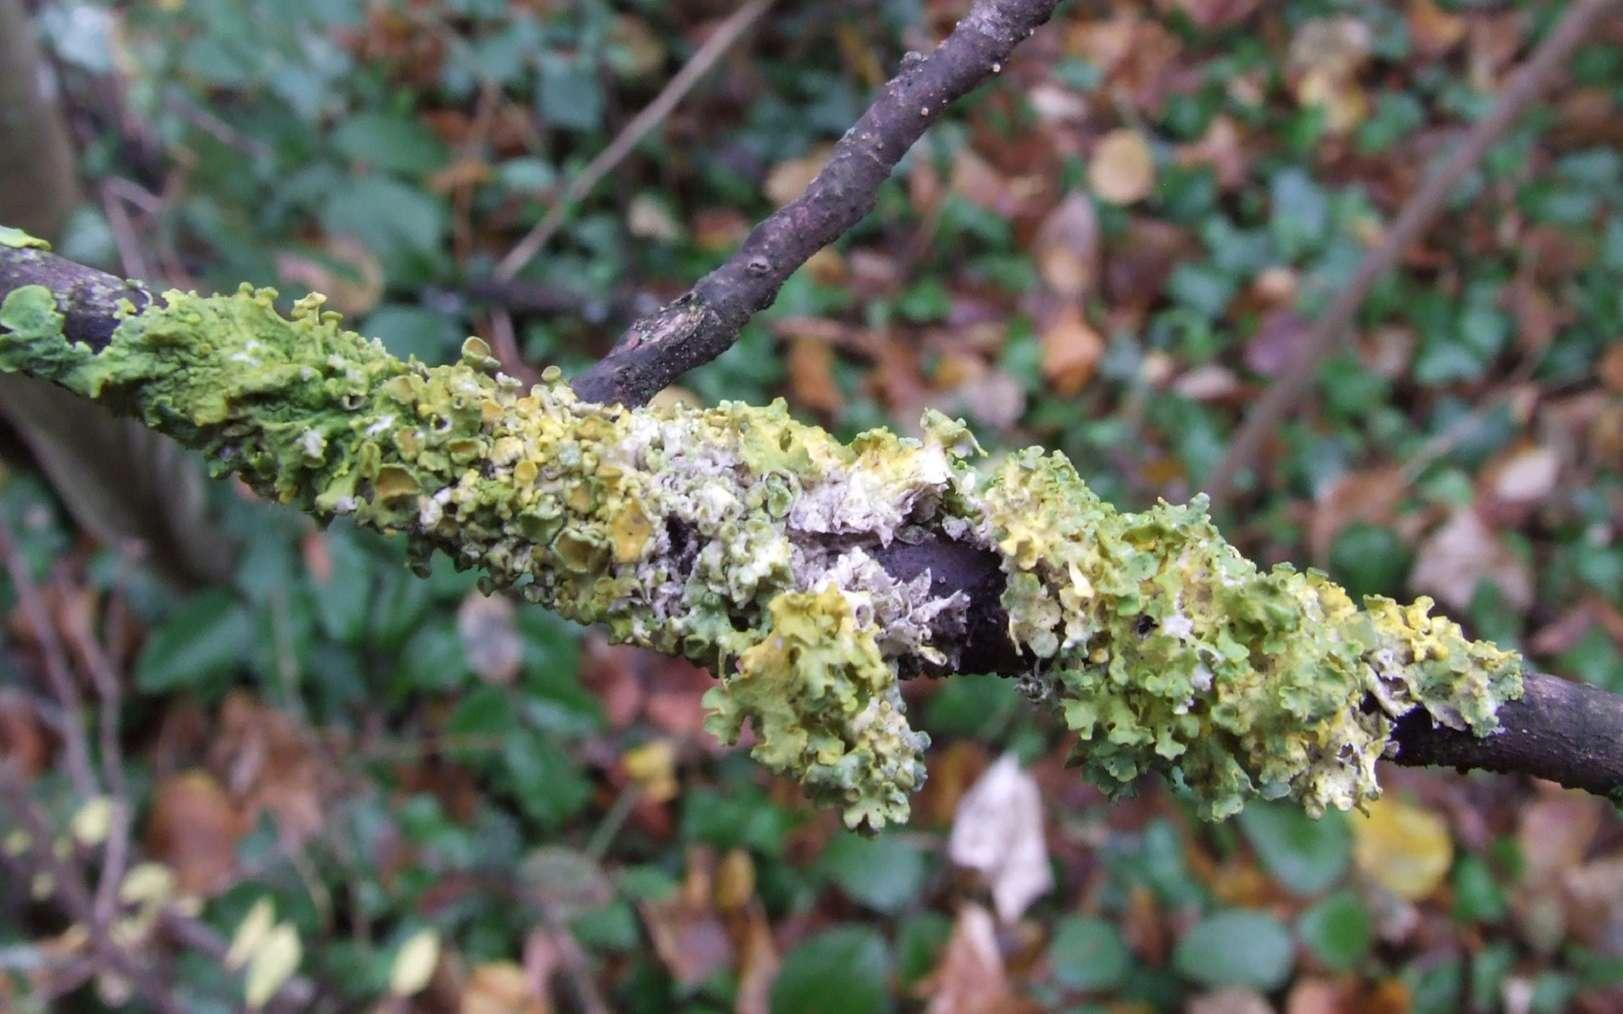 Le lichen décrit une relation symbiotique entre un champignon et une algue. © surama341b, Fotolia